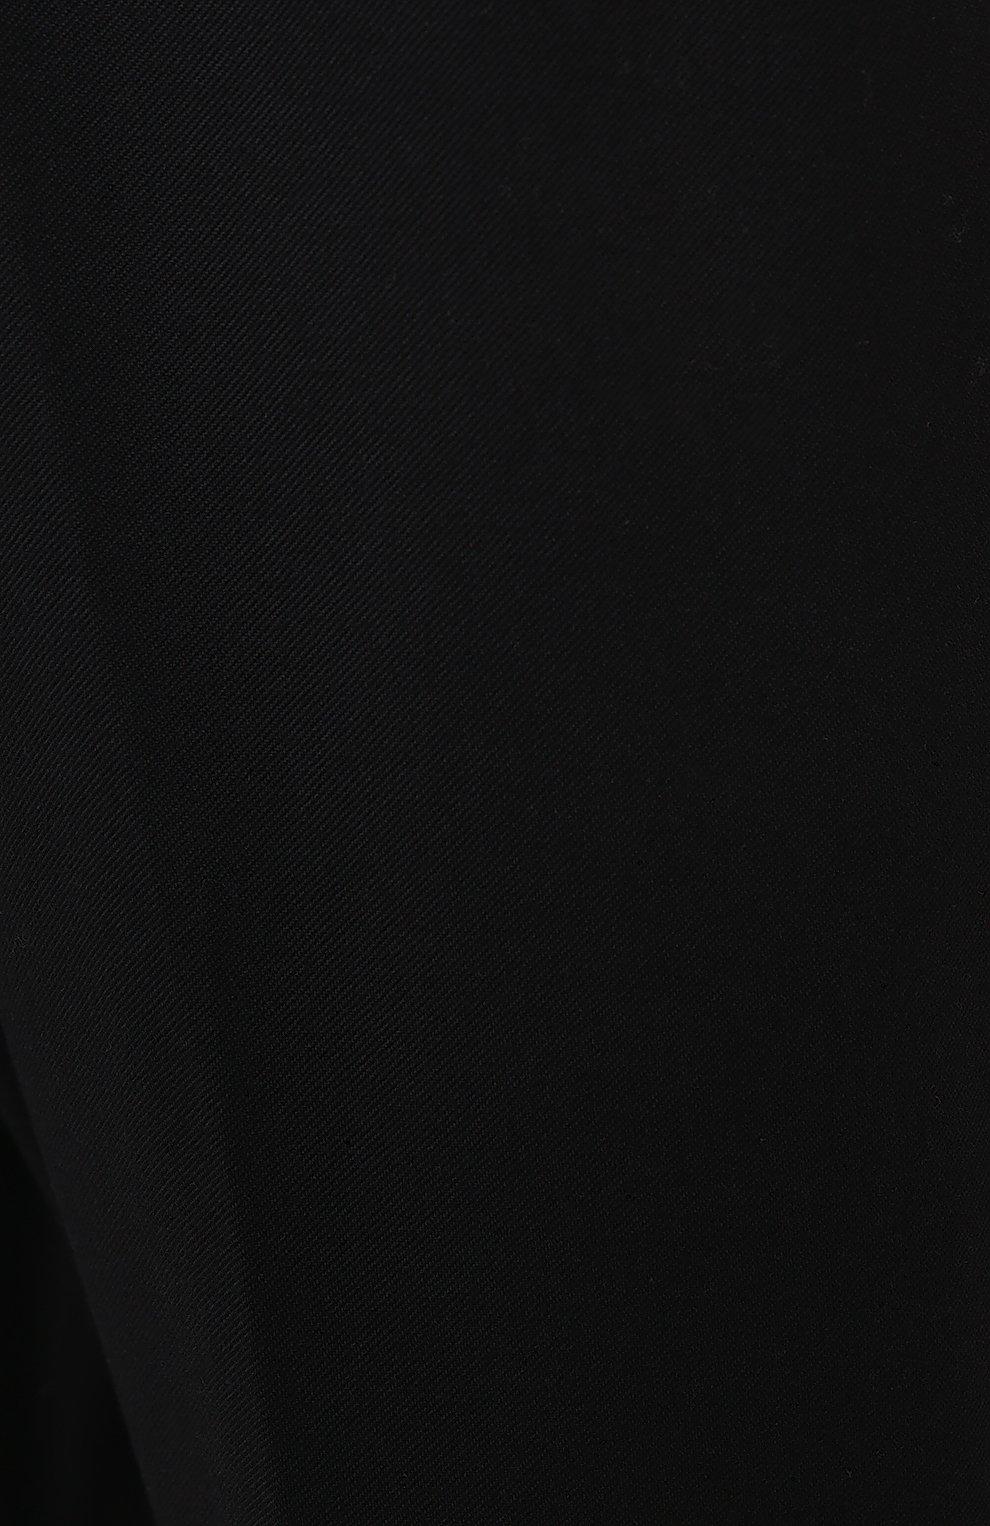 Мужские брюки из хлопка и шерсти DRIES VAN NOTEN черного цвета, арт. 202-20939-1285 | Фото 5 (Материал внешний: Шерсть, Хлопок; Длина (брюки, джинсы): Стандартные; Случай: Повседневный; Стили: Кэжуэл)